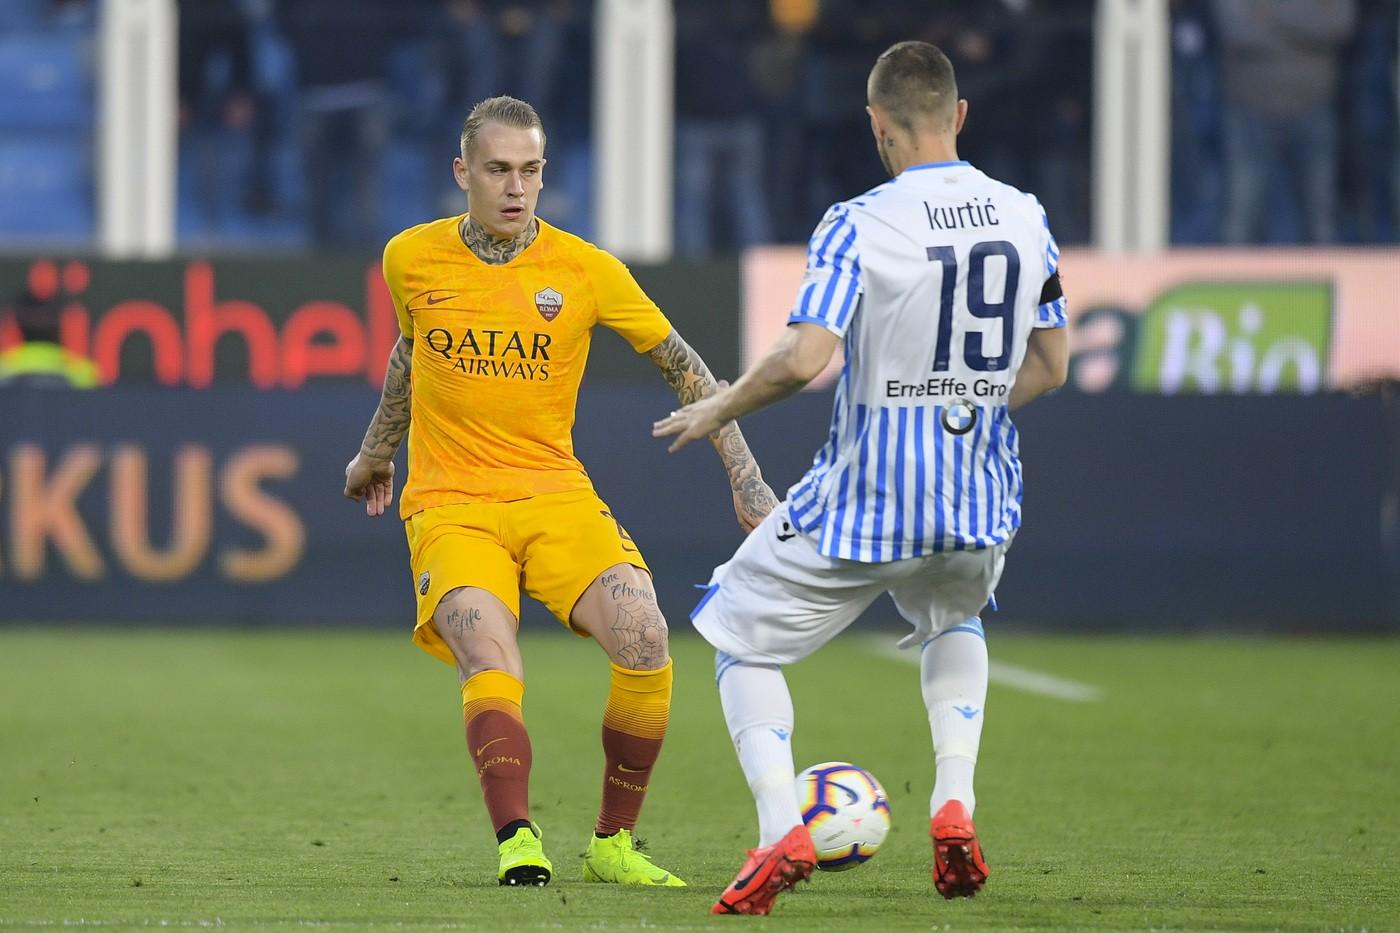 Fabio Rossi/AS Roma/LaPresse LaP